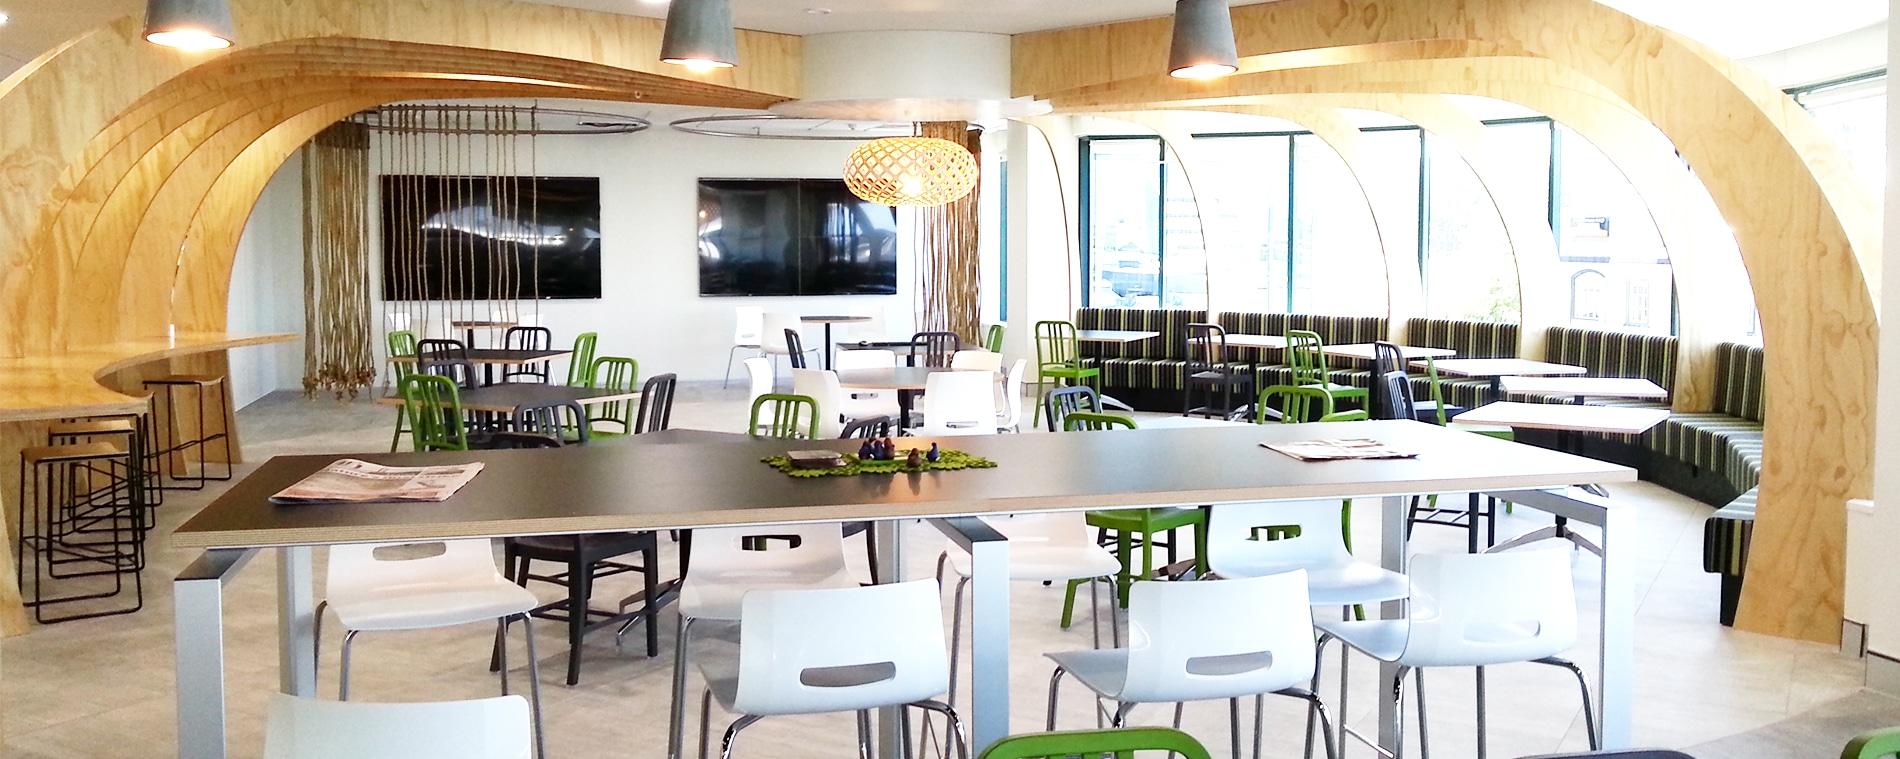 Auckland Restaurant Furniture